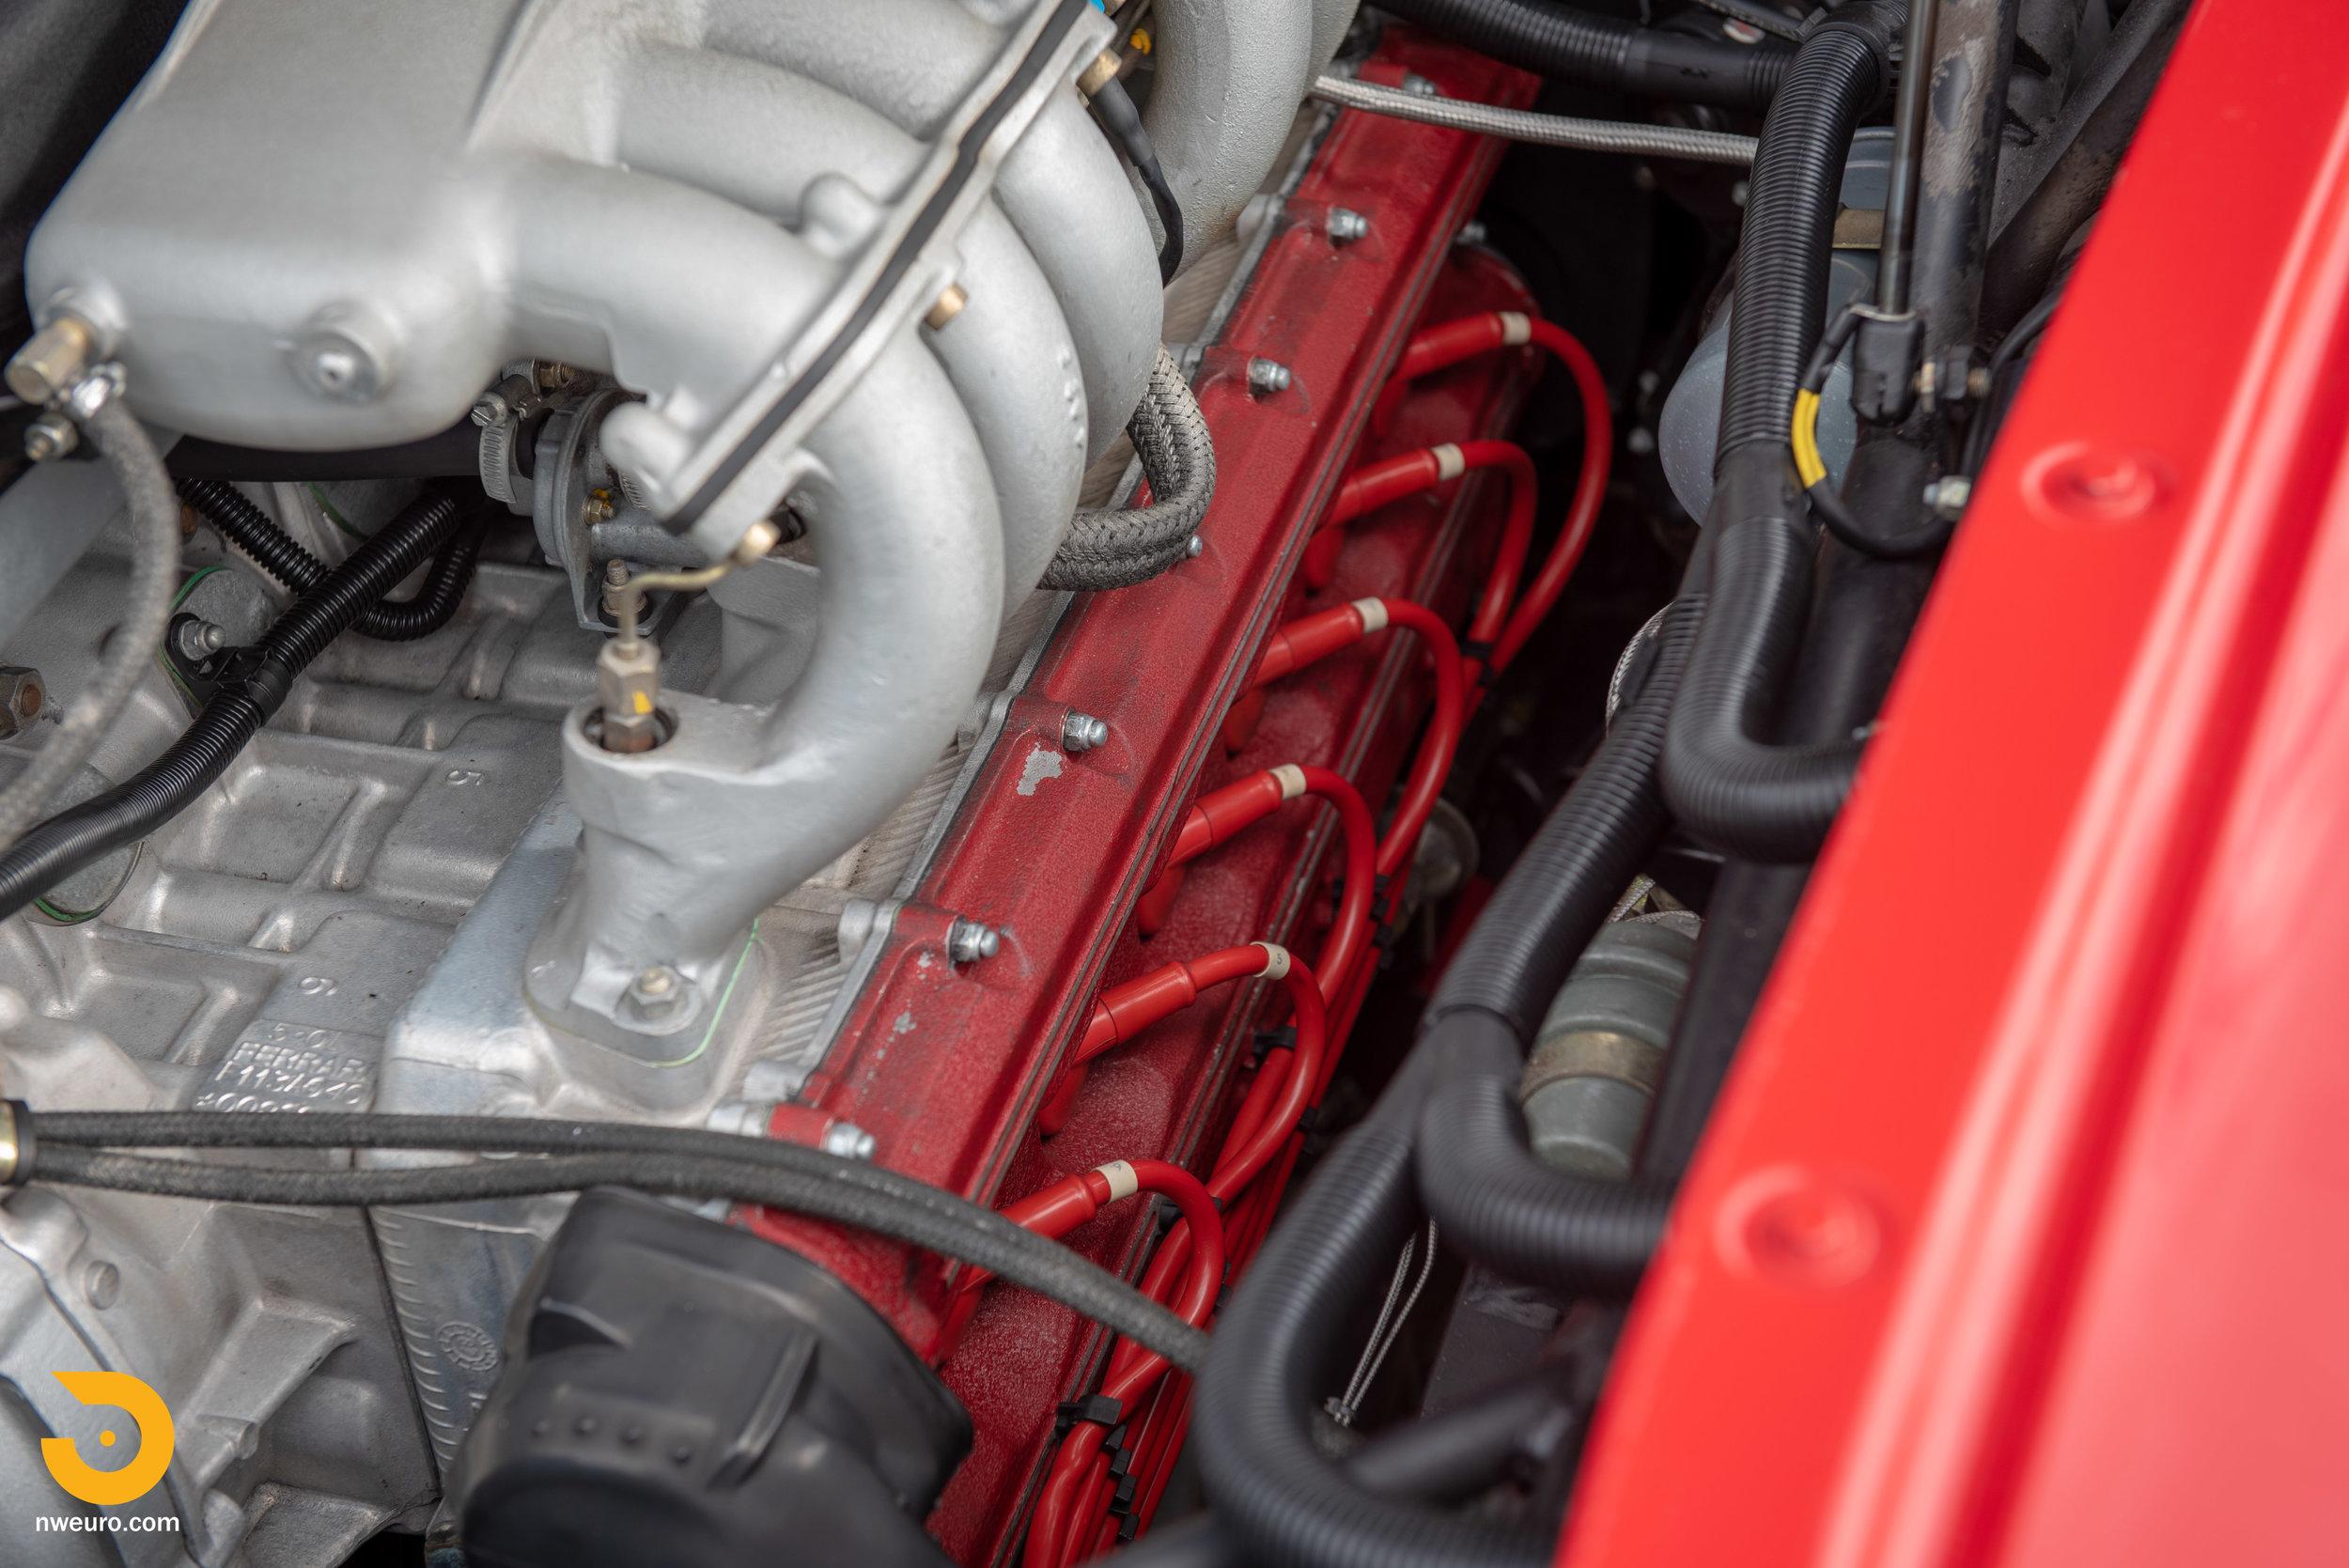 1988 Ferrari Testarossa-26.jpg